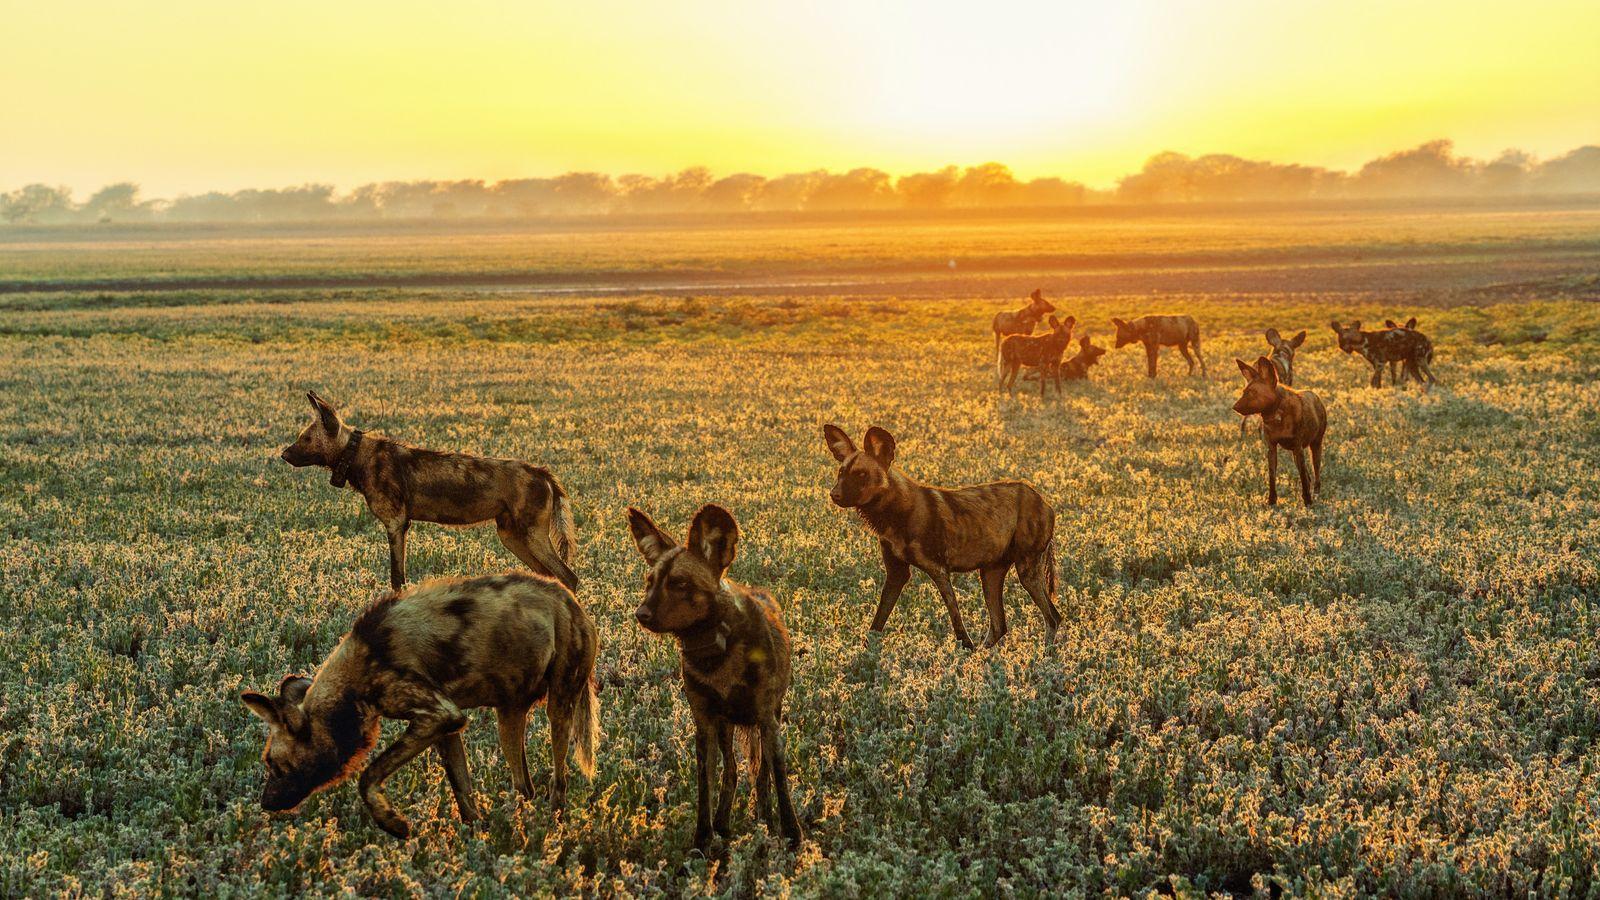 Les lycaons ont quasiment disparu de Gorongosa durant la guerre. Maisle parc a besoin d'eux, car ...